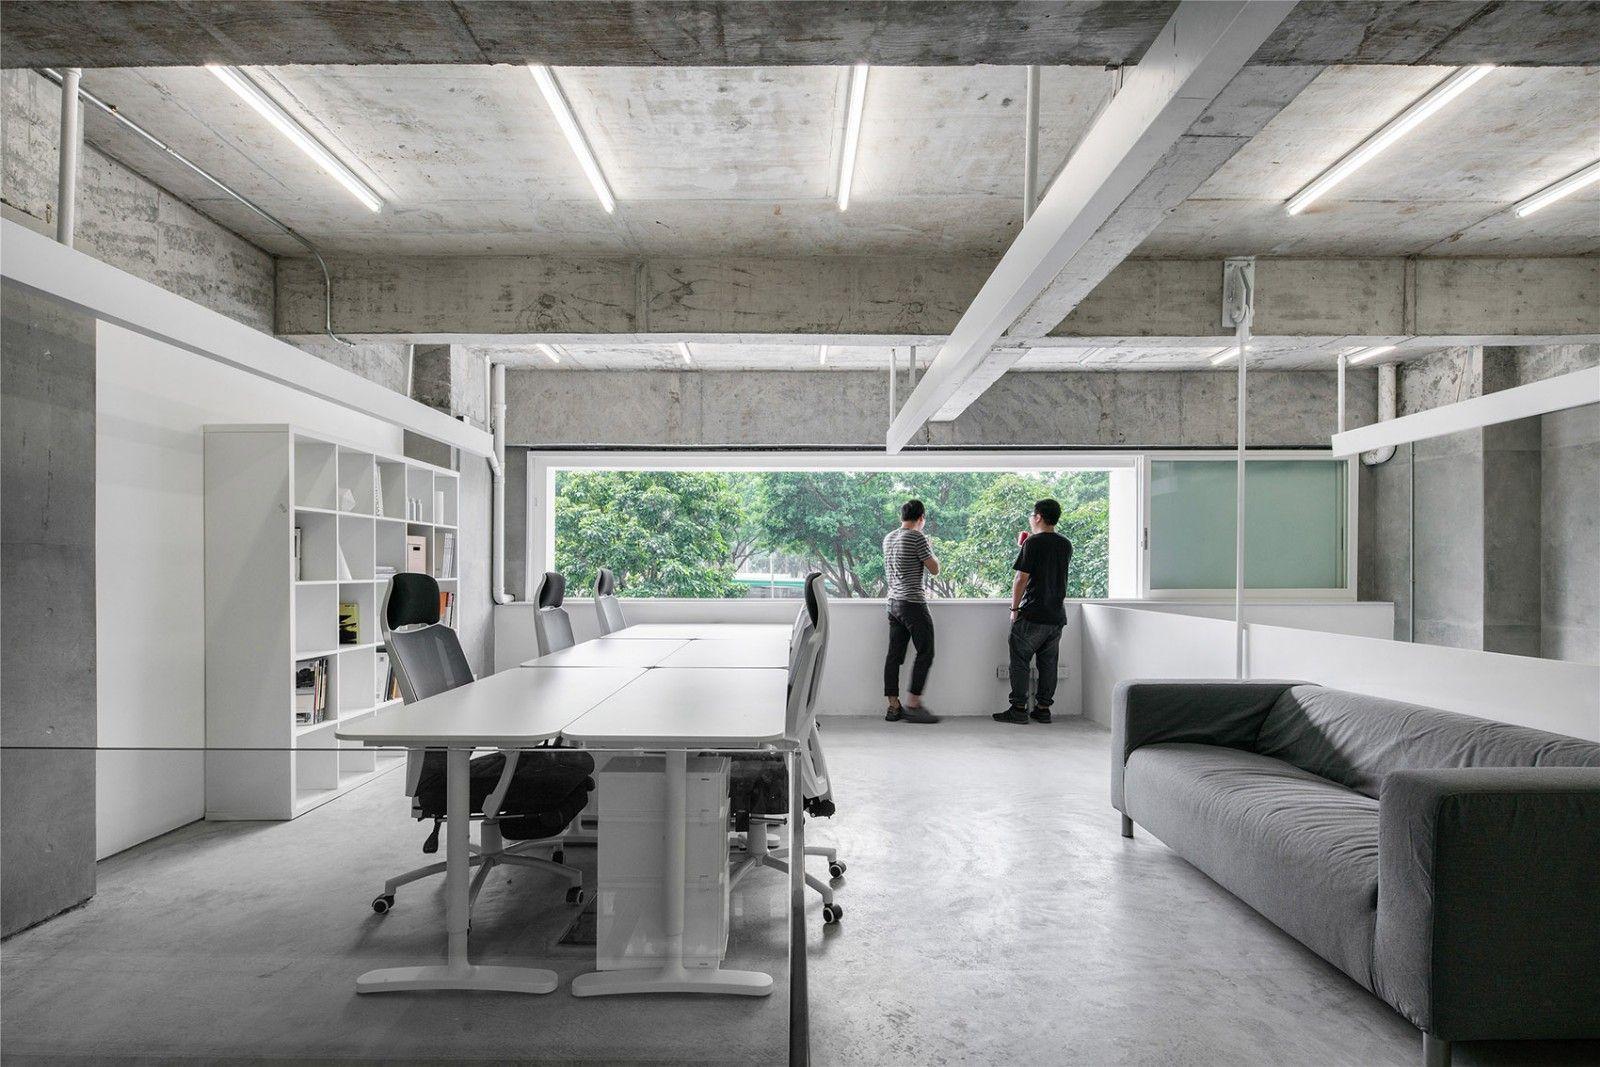 移动的玻璃盒子,广东Edgelab办公空间 | Edgelab边界实验工作室|黄智武、何钢荣 - 13